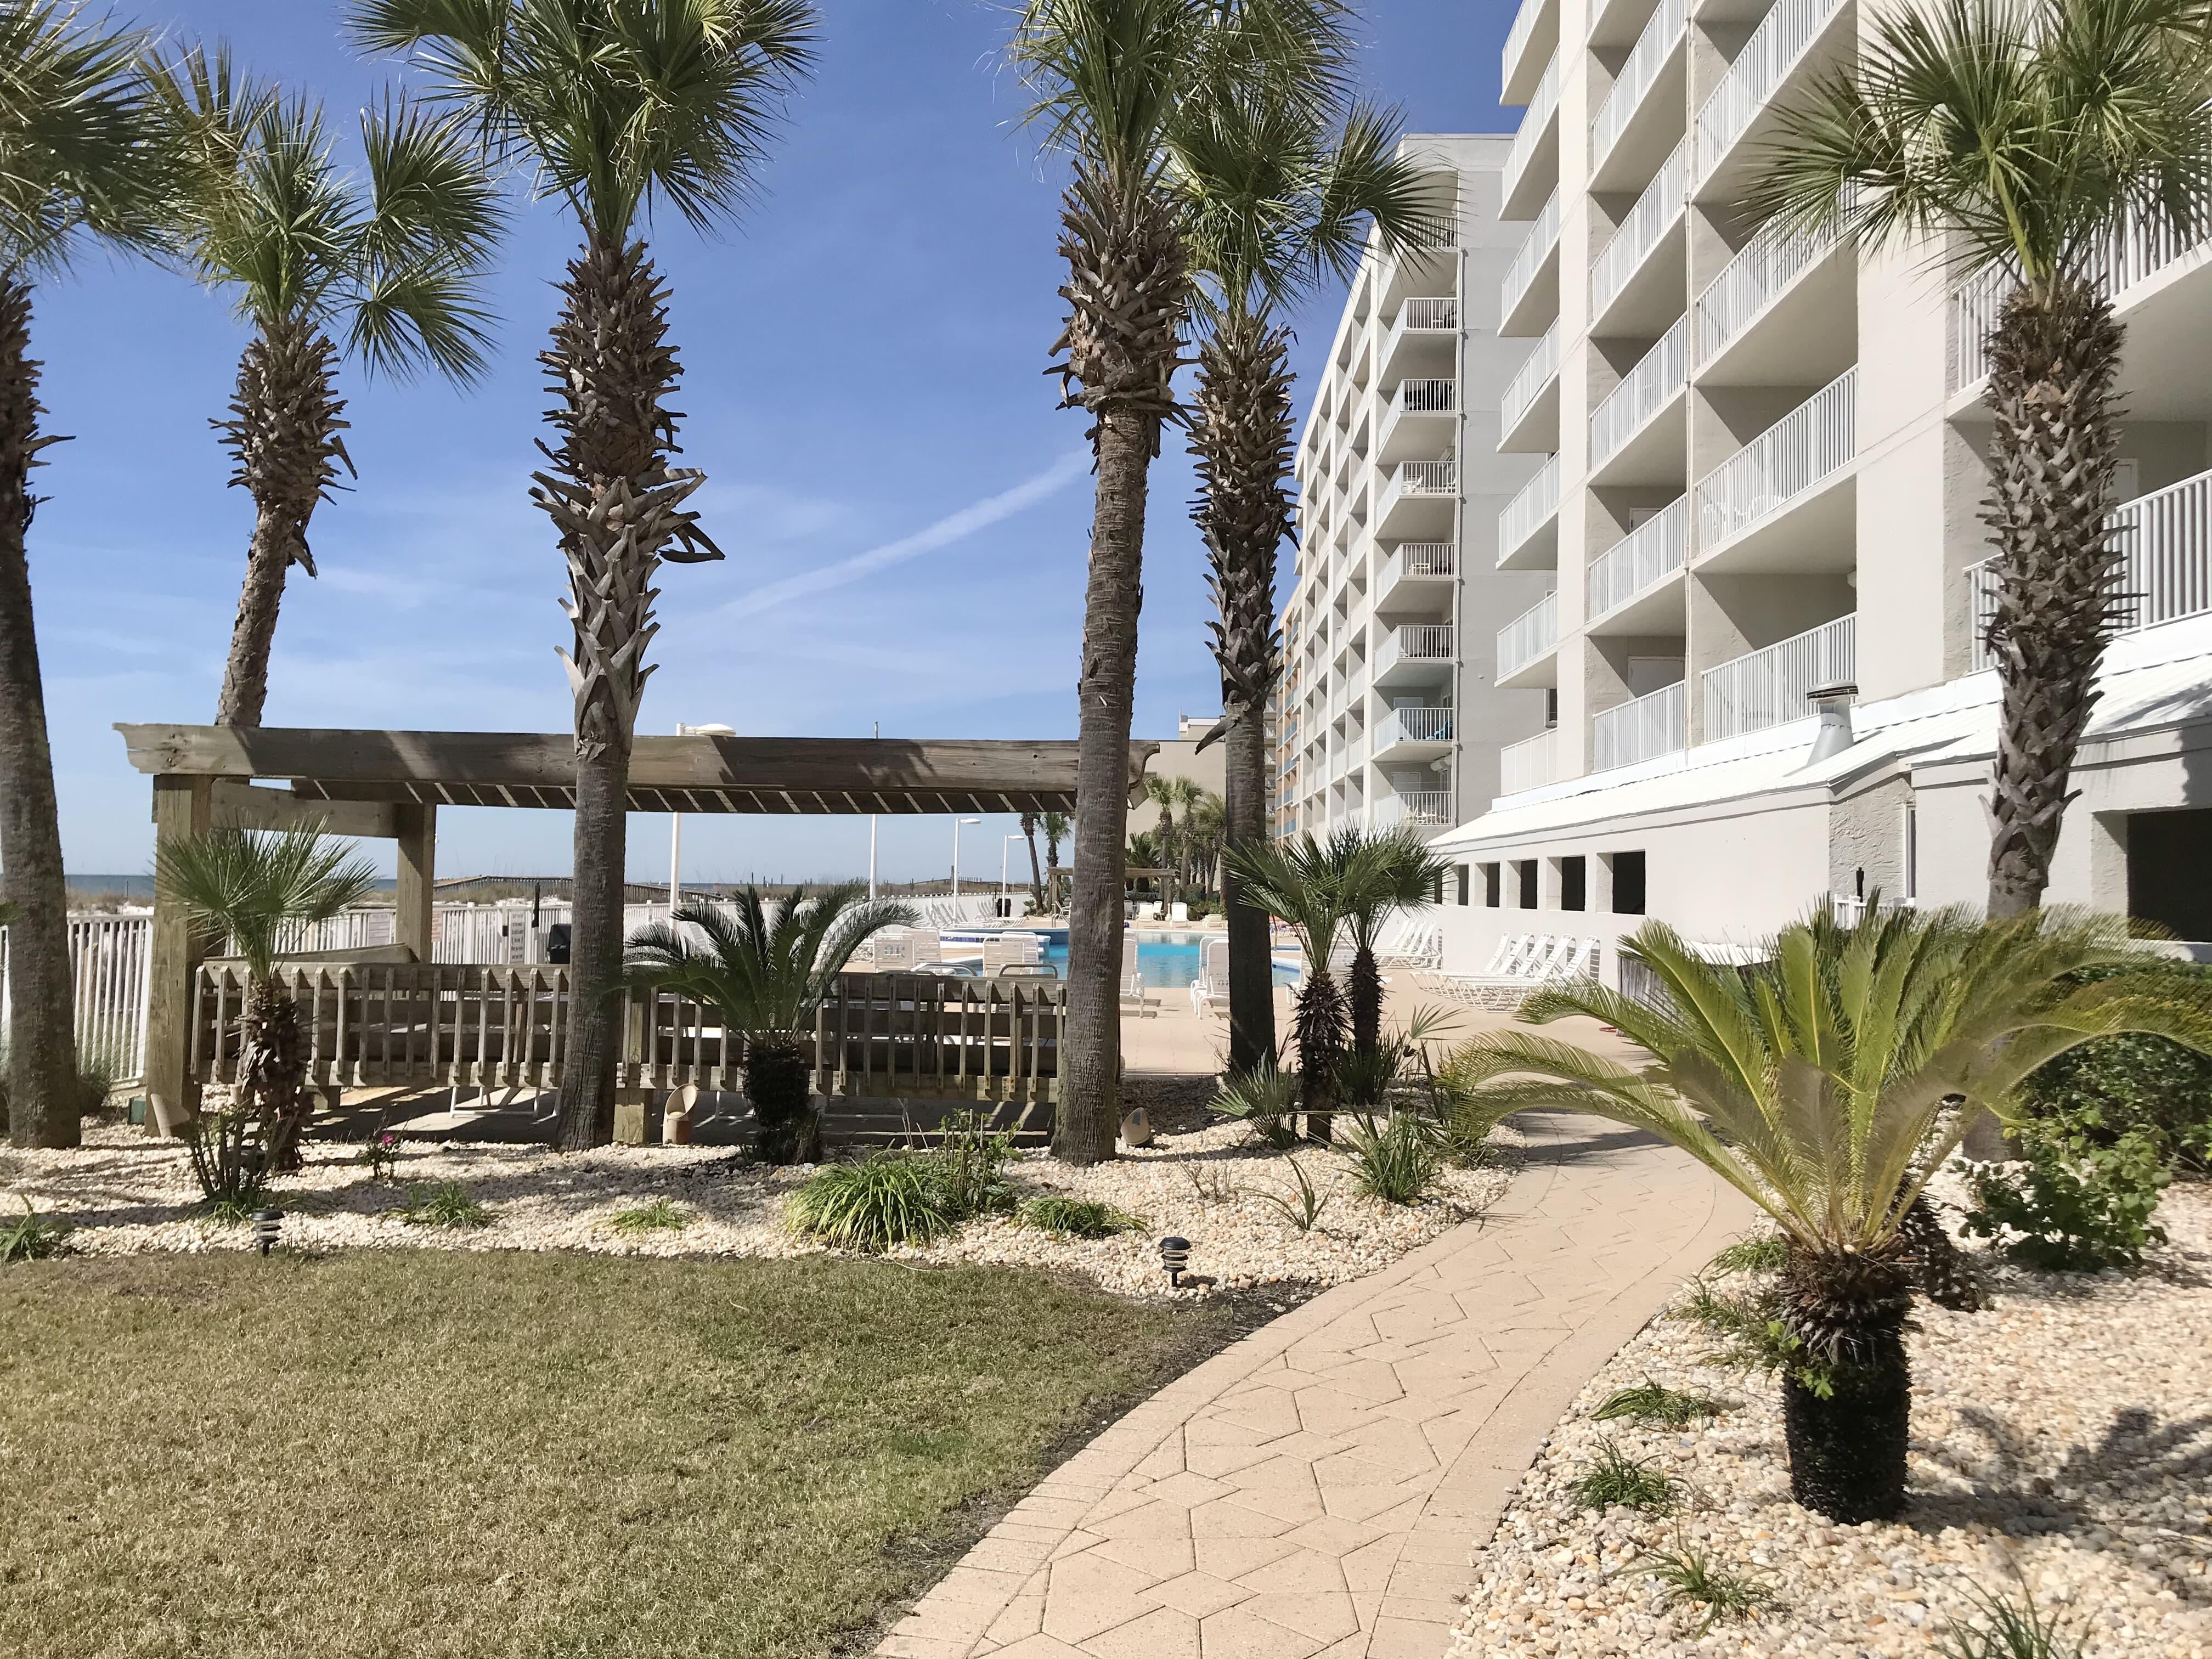 Ocean House 2206 Condo rental in Ocean House - Gulf Shores in Gulf Shores Alabama - #51